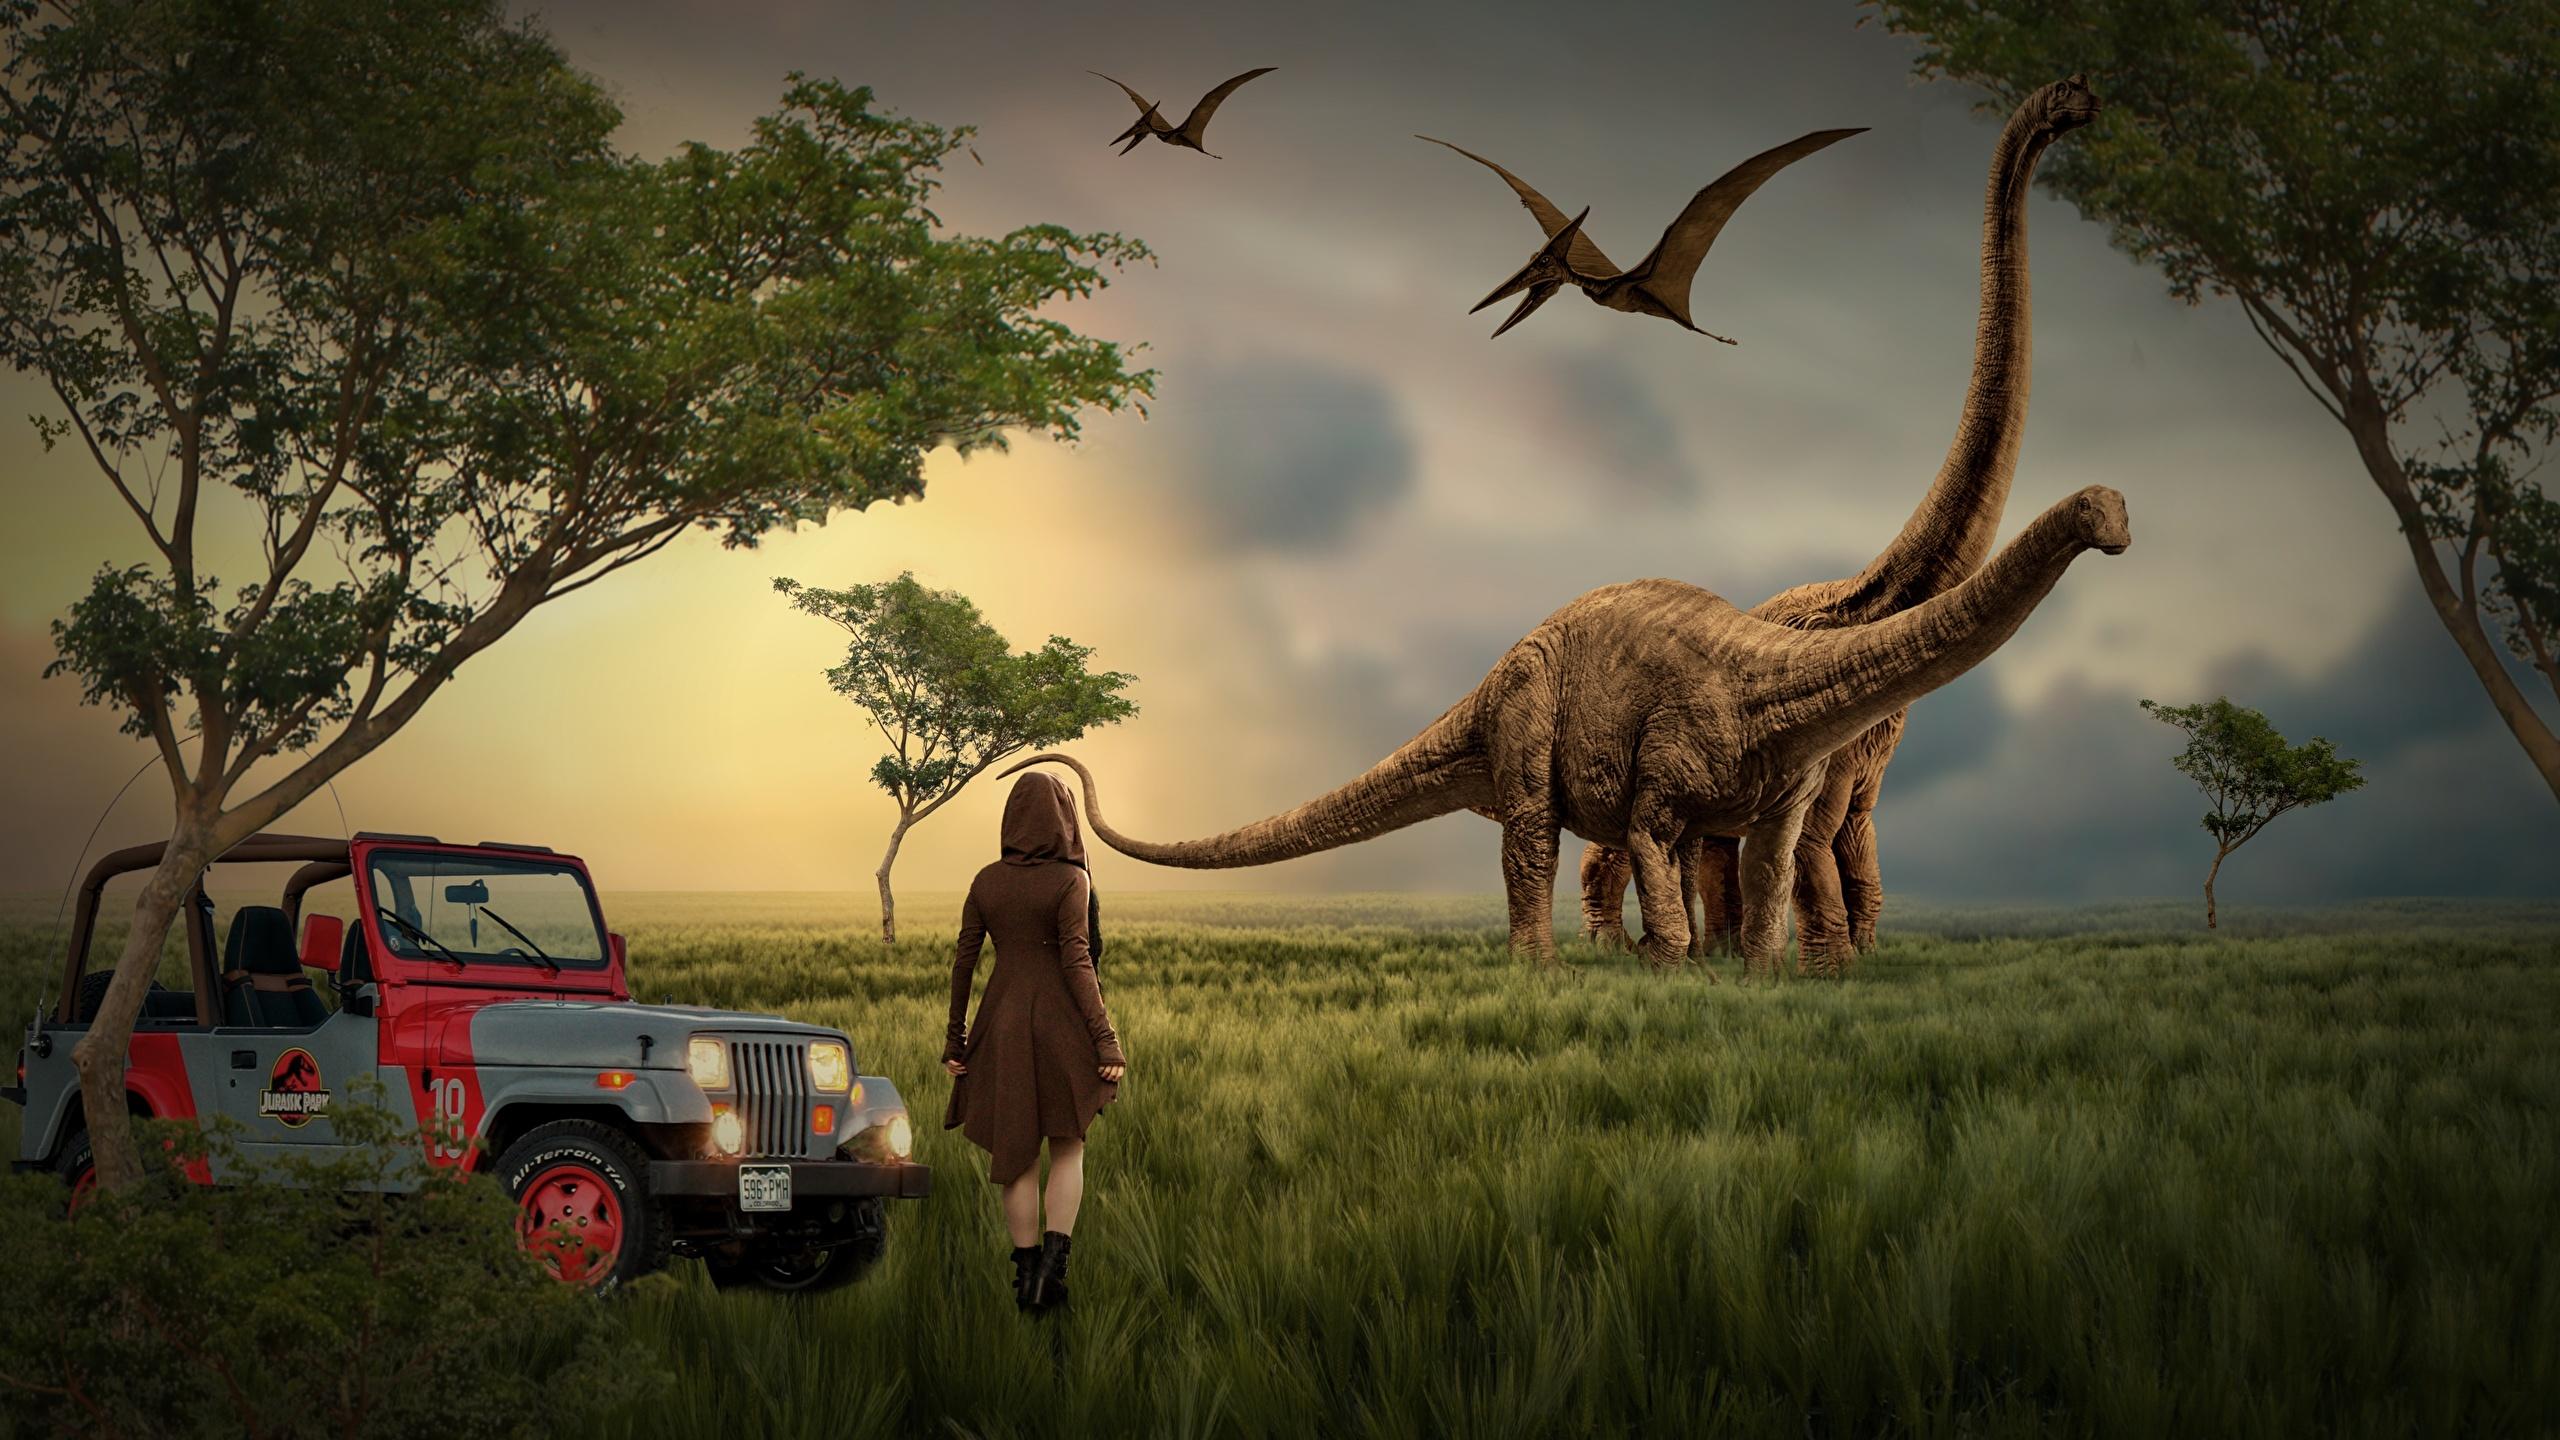 Картинки Jeep Динозавры девушка Фантастика Трава 2560x1440 Джип динозавр Фэнтези Девушки молодая женщина молодые женщины траве